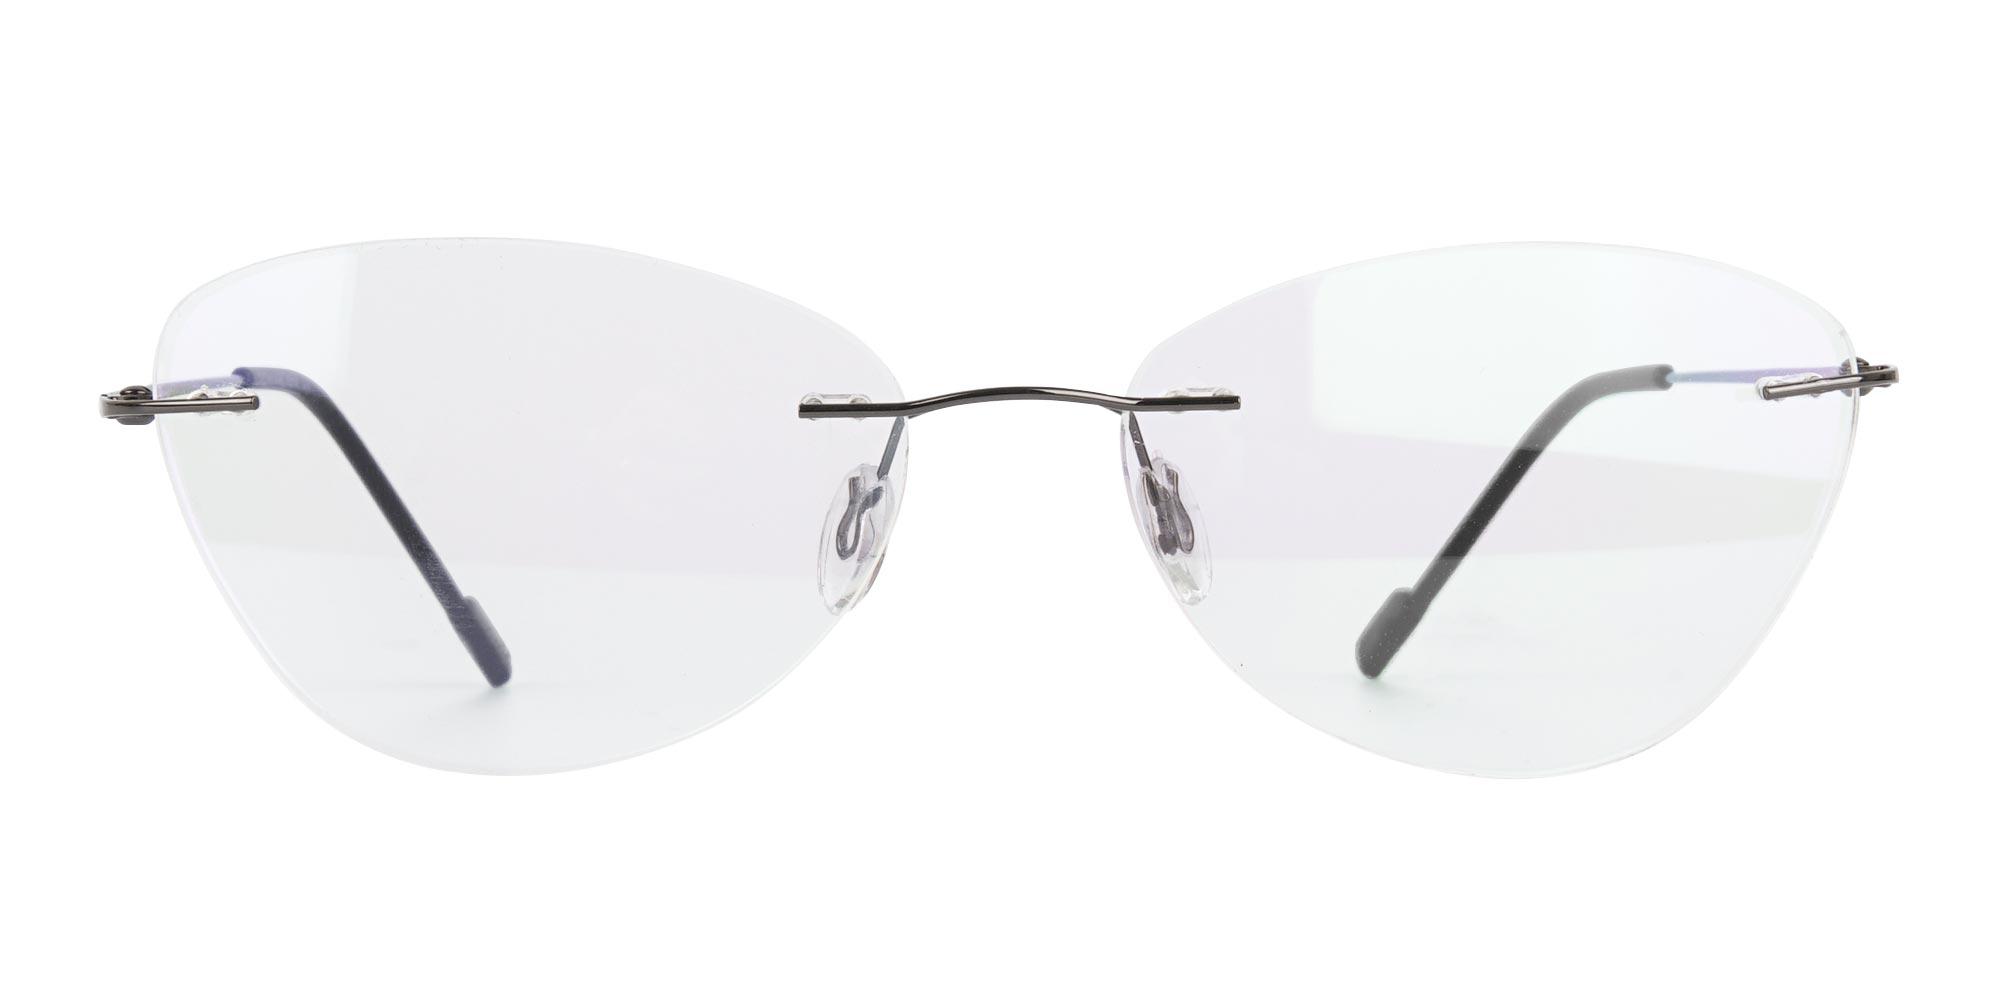 Rimless Cat-Eye Glasses